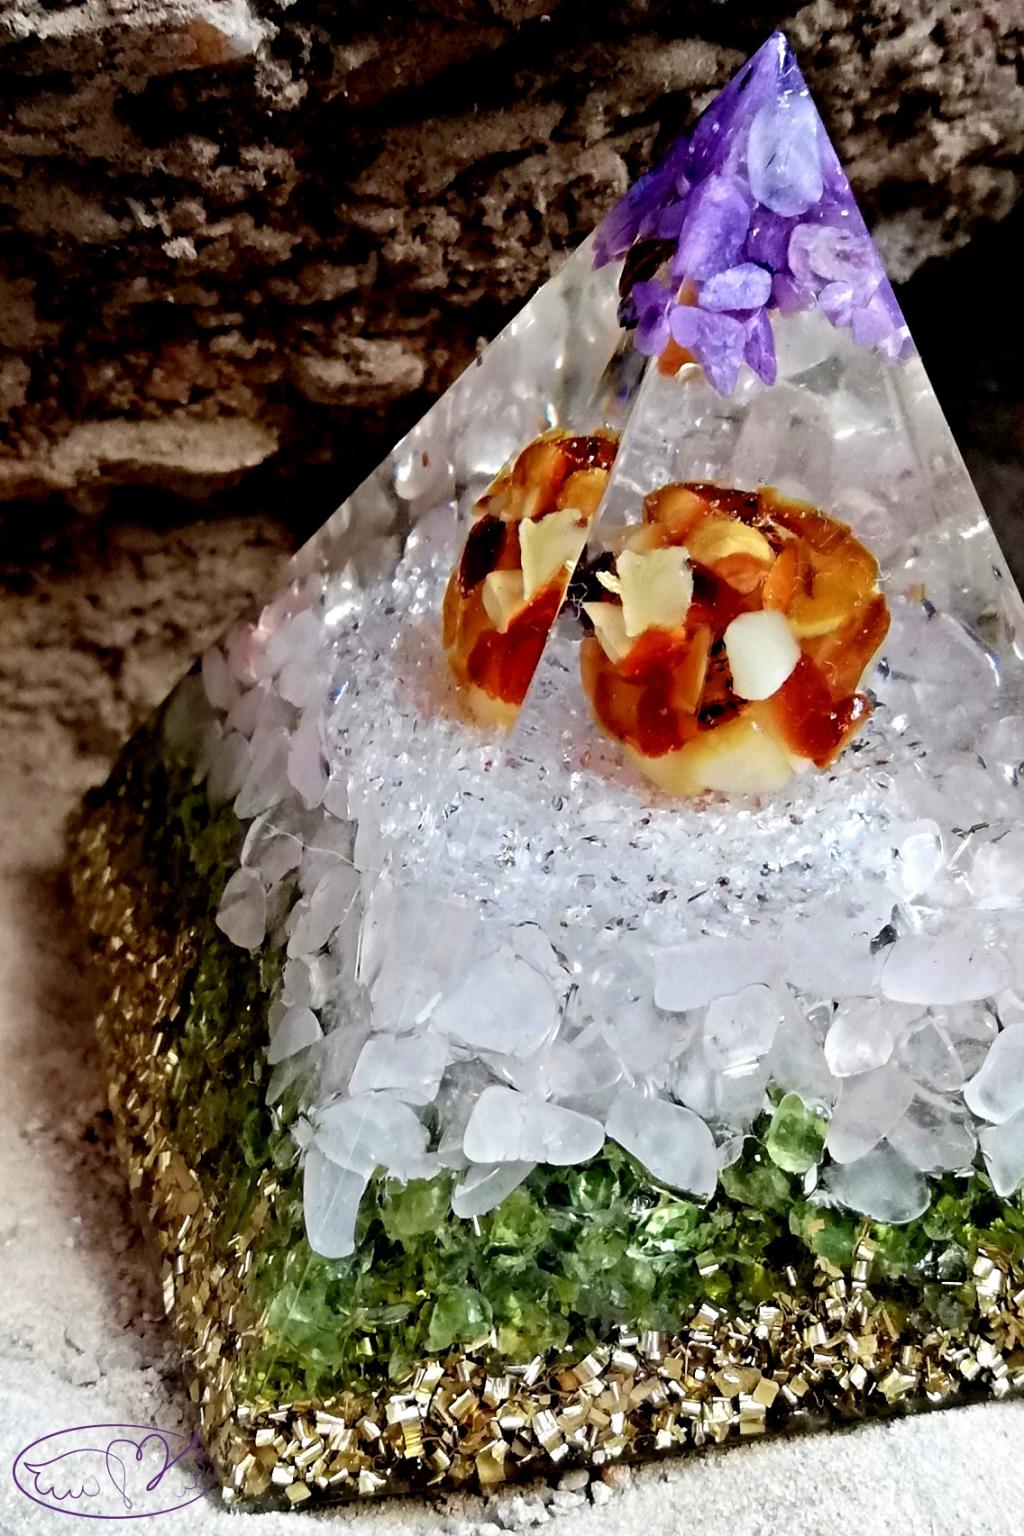 Orgonitová pyramida - uzdravím tě s Jantarem